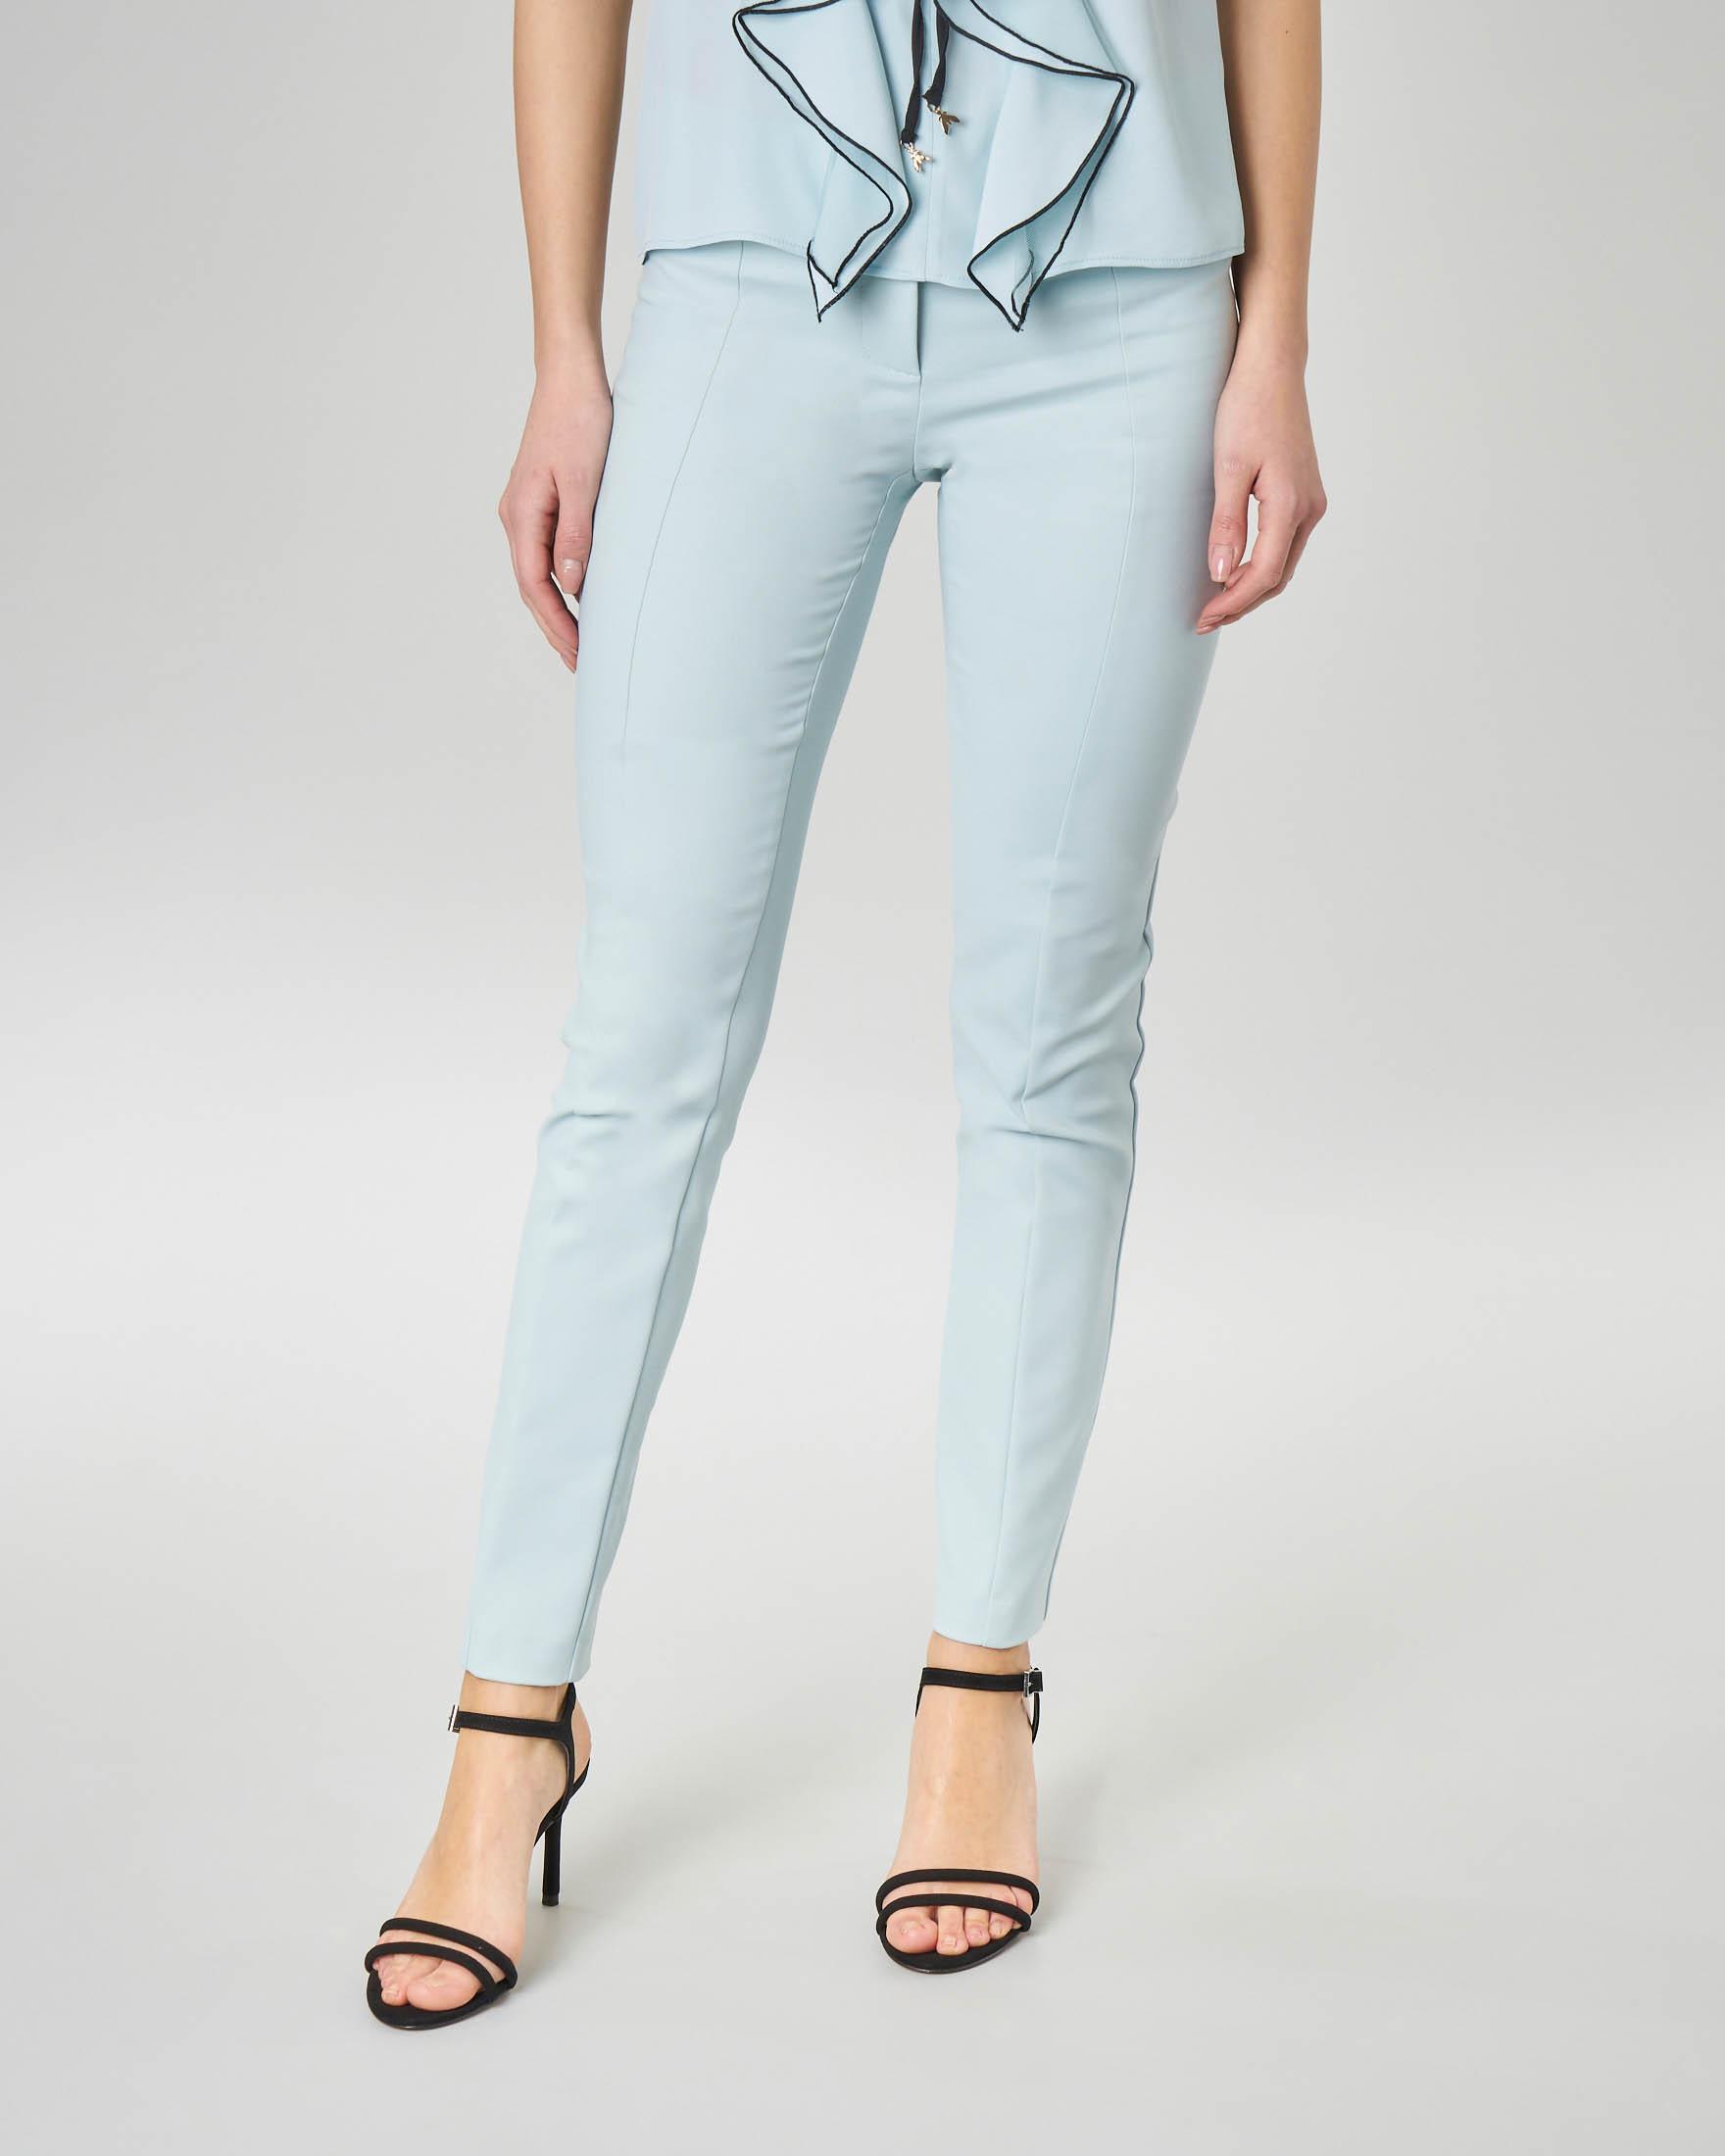 Pantaloni a sigaretta color acqua in cotone elasticizzato